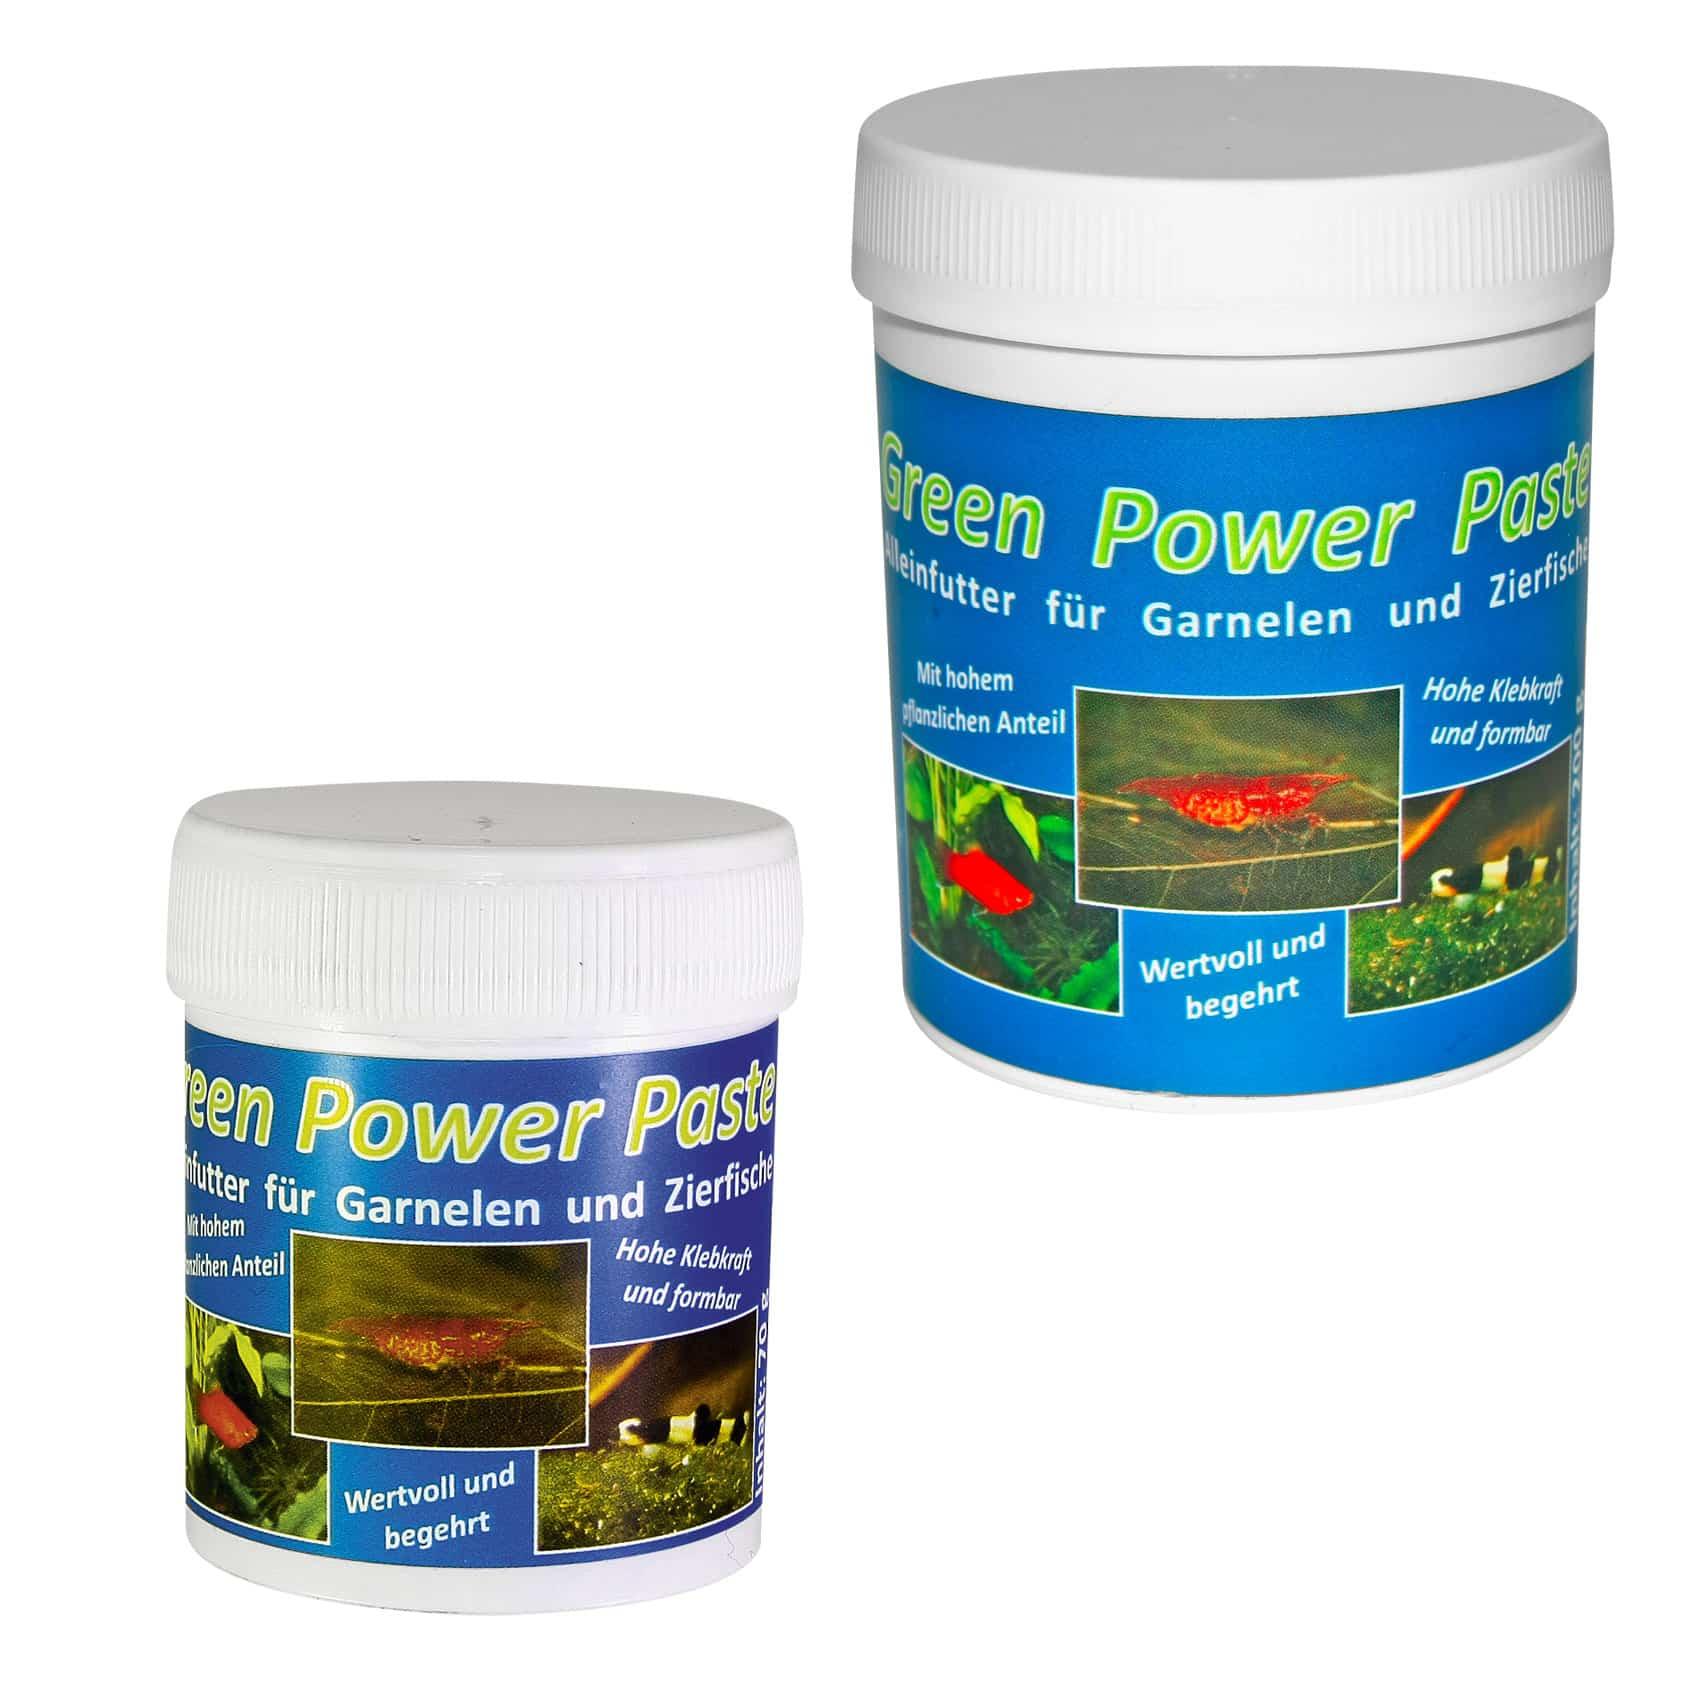 Green Power Paste 70g 200g